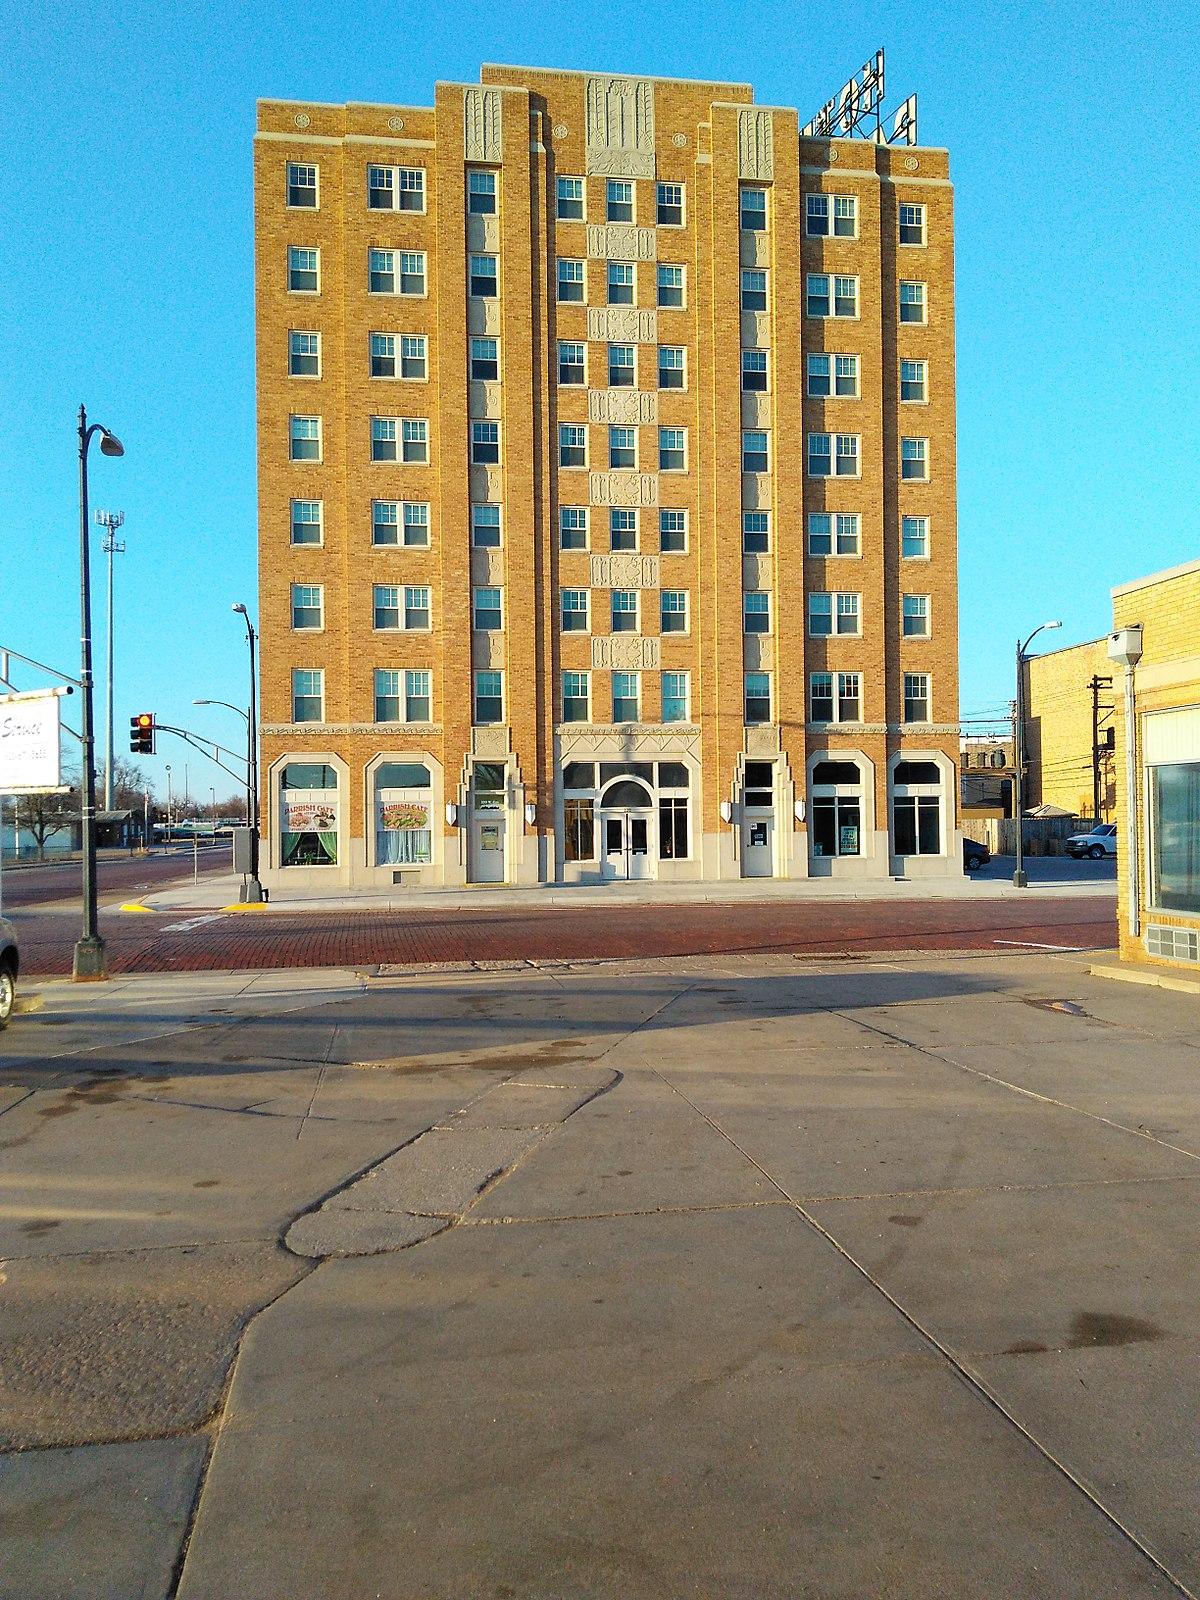 Pratt Ks Hotel